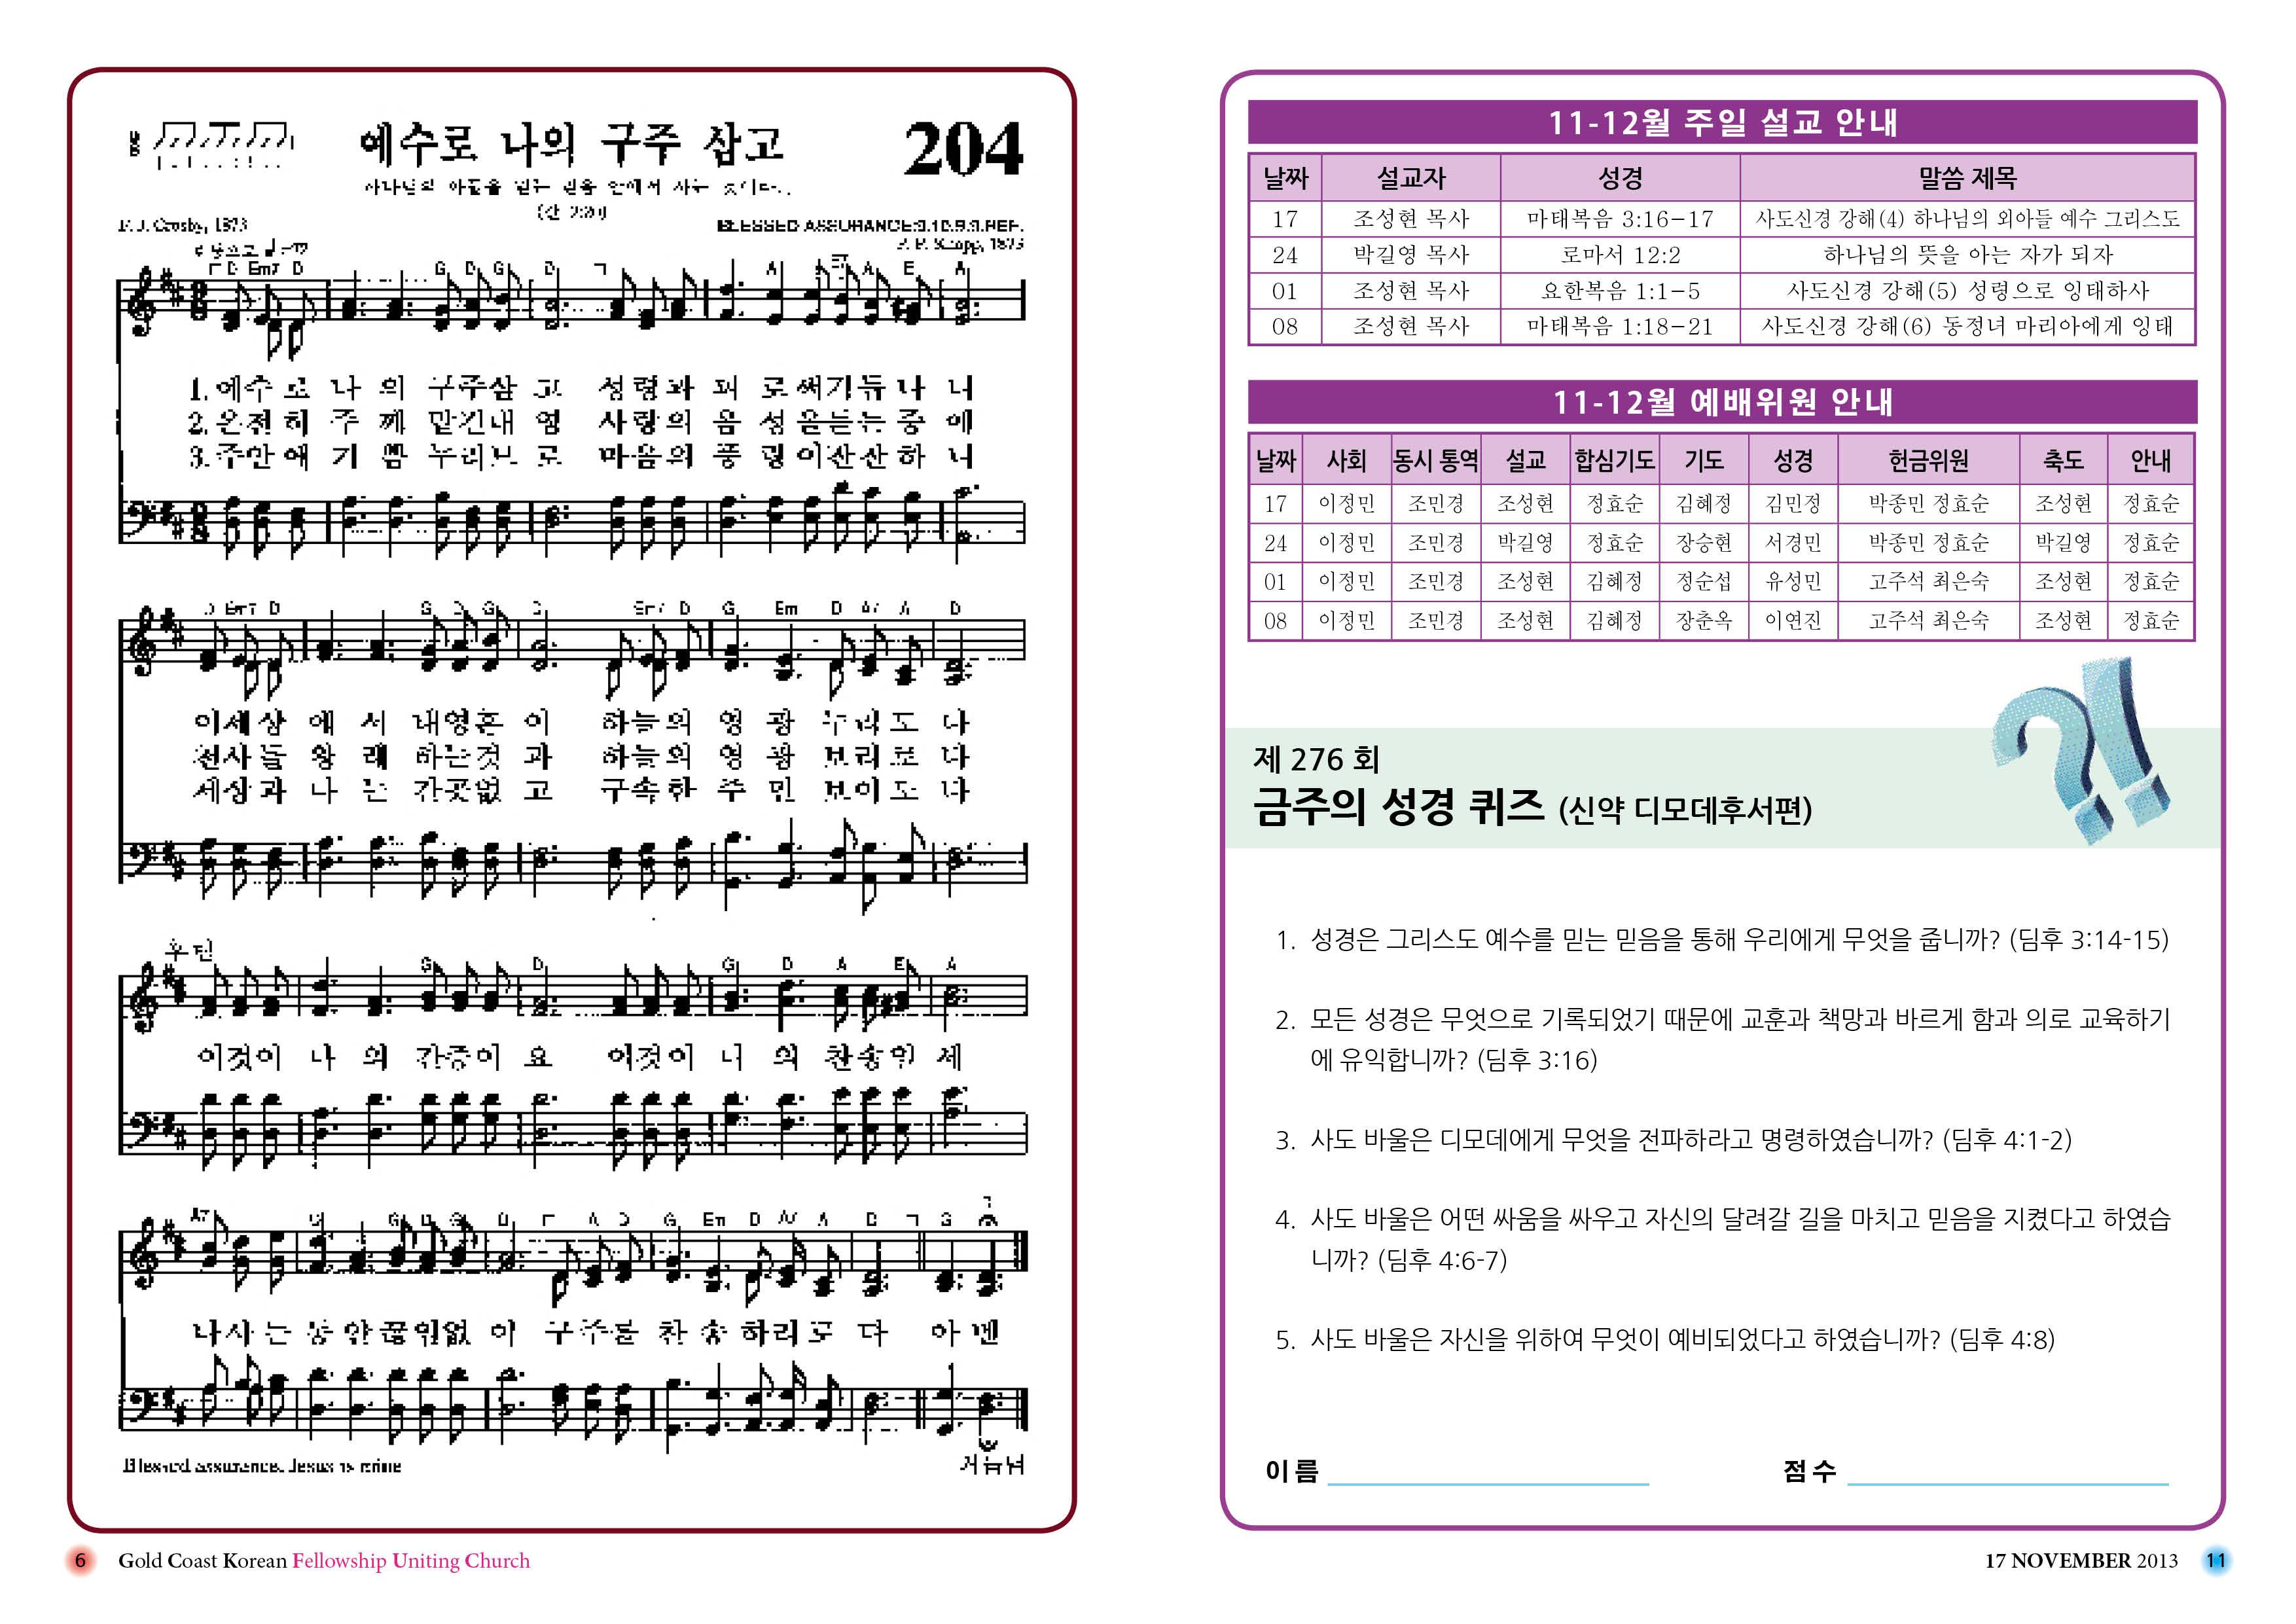 2013.11.17 주보(2차 수정)6.jpg